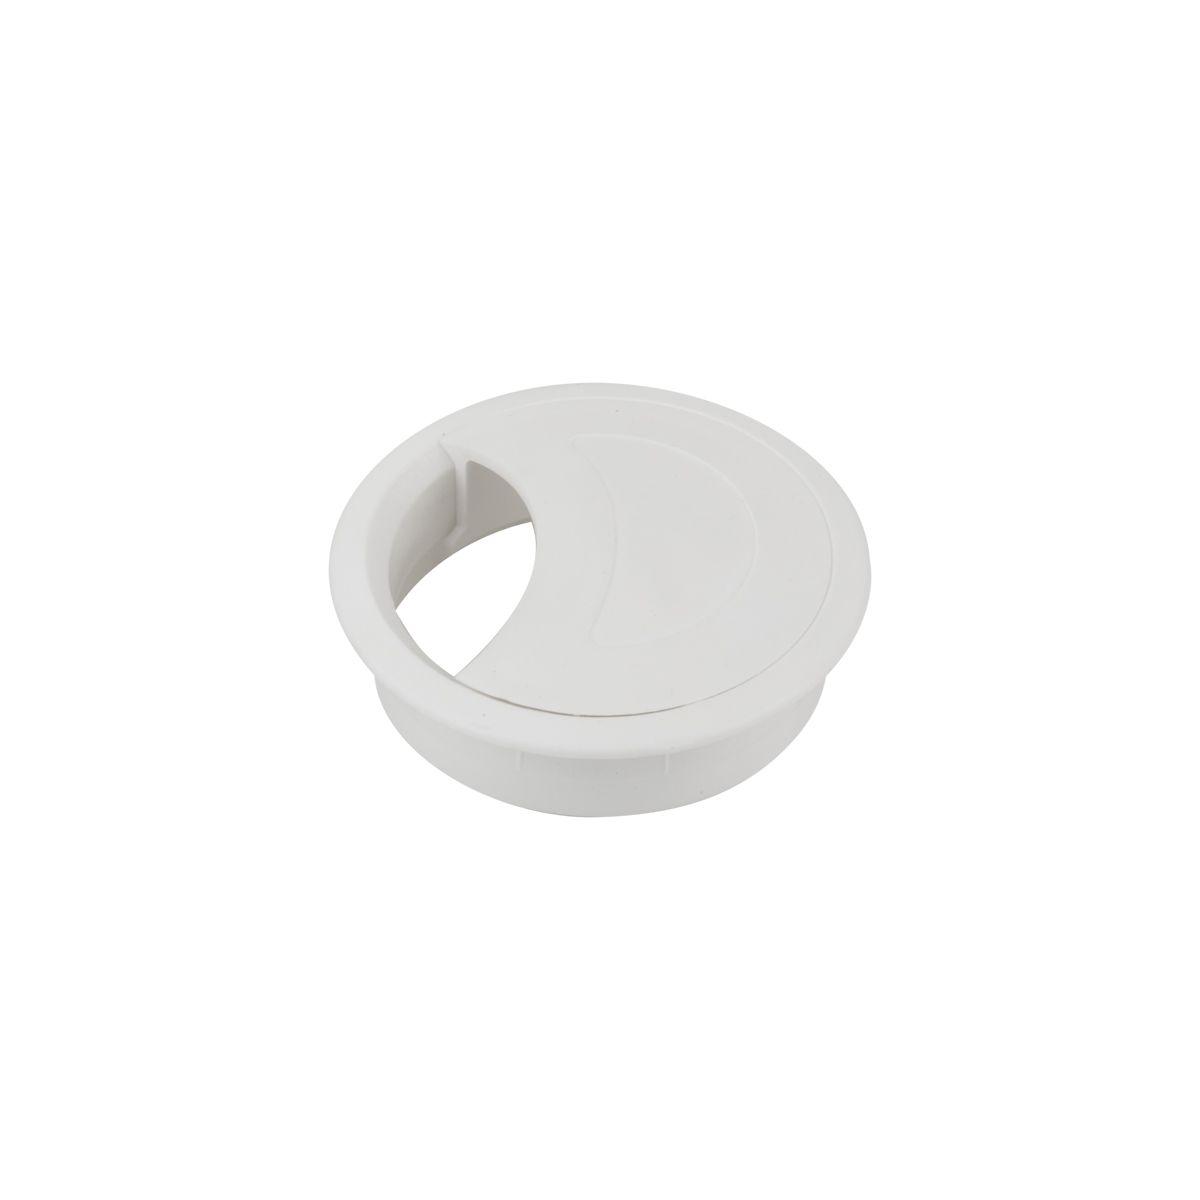 Passa Fio Plástico para Móveis Branco